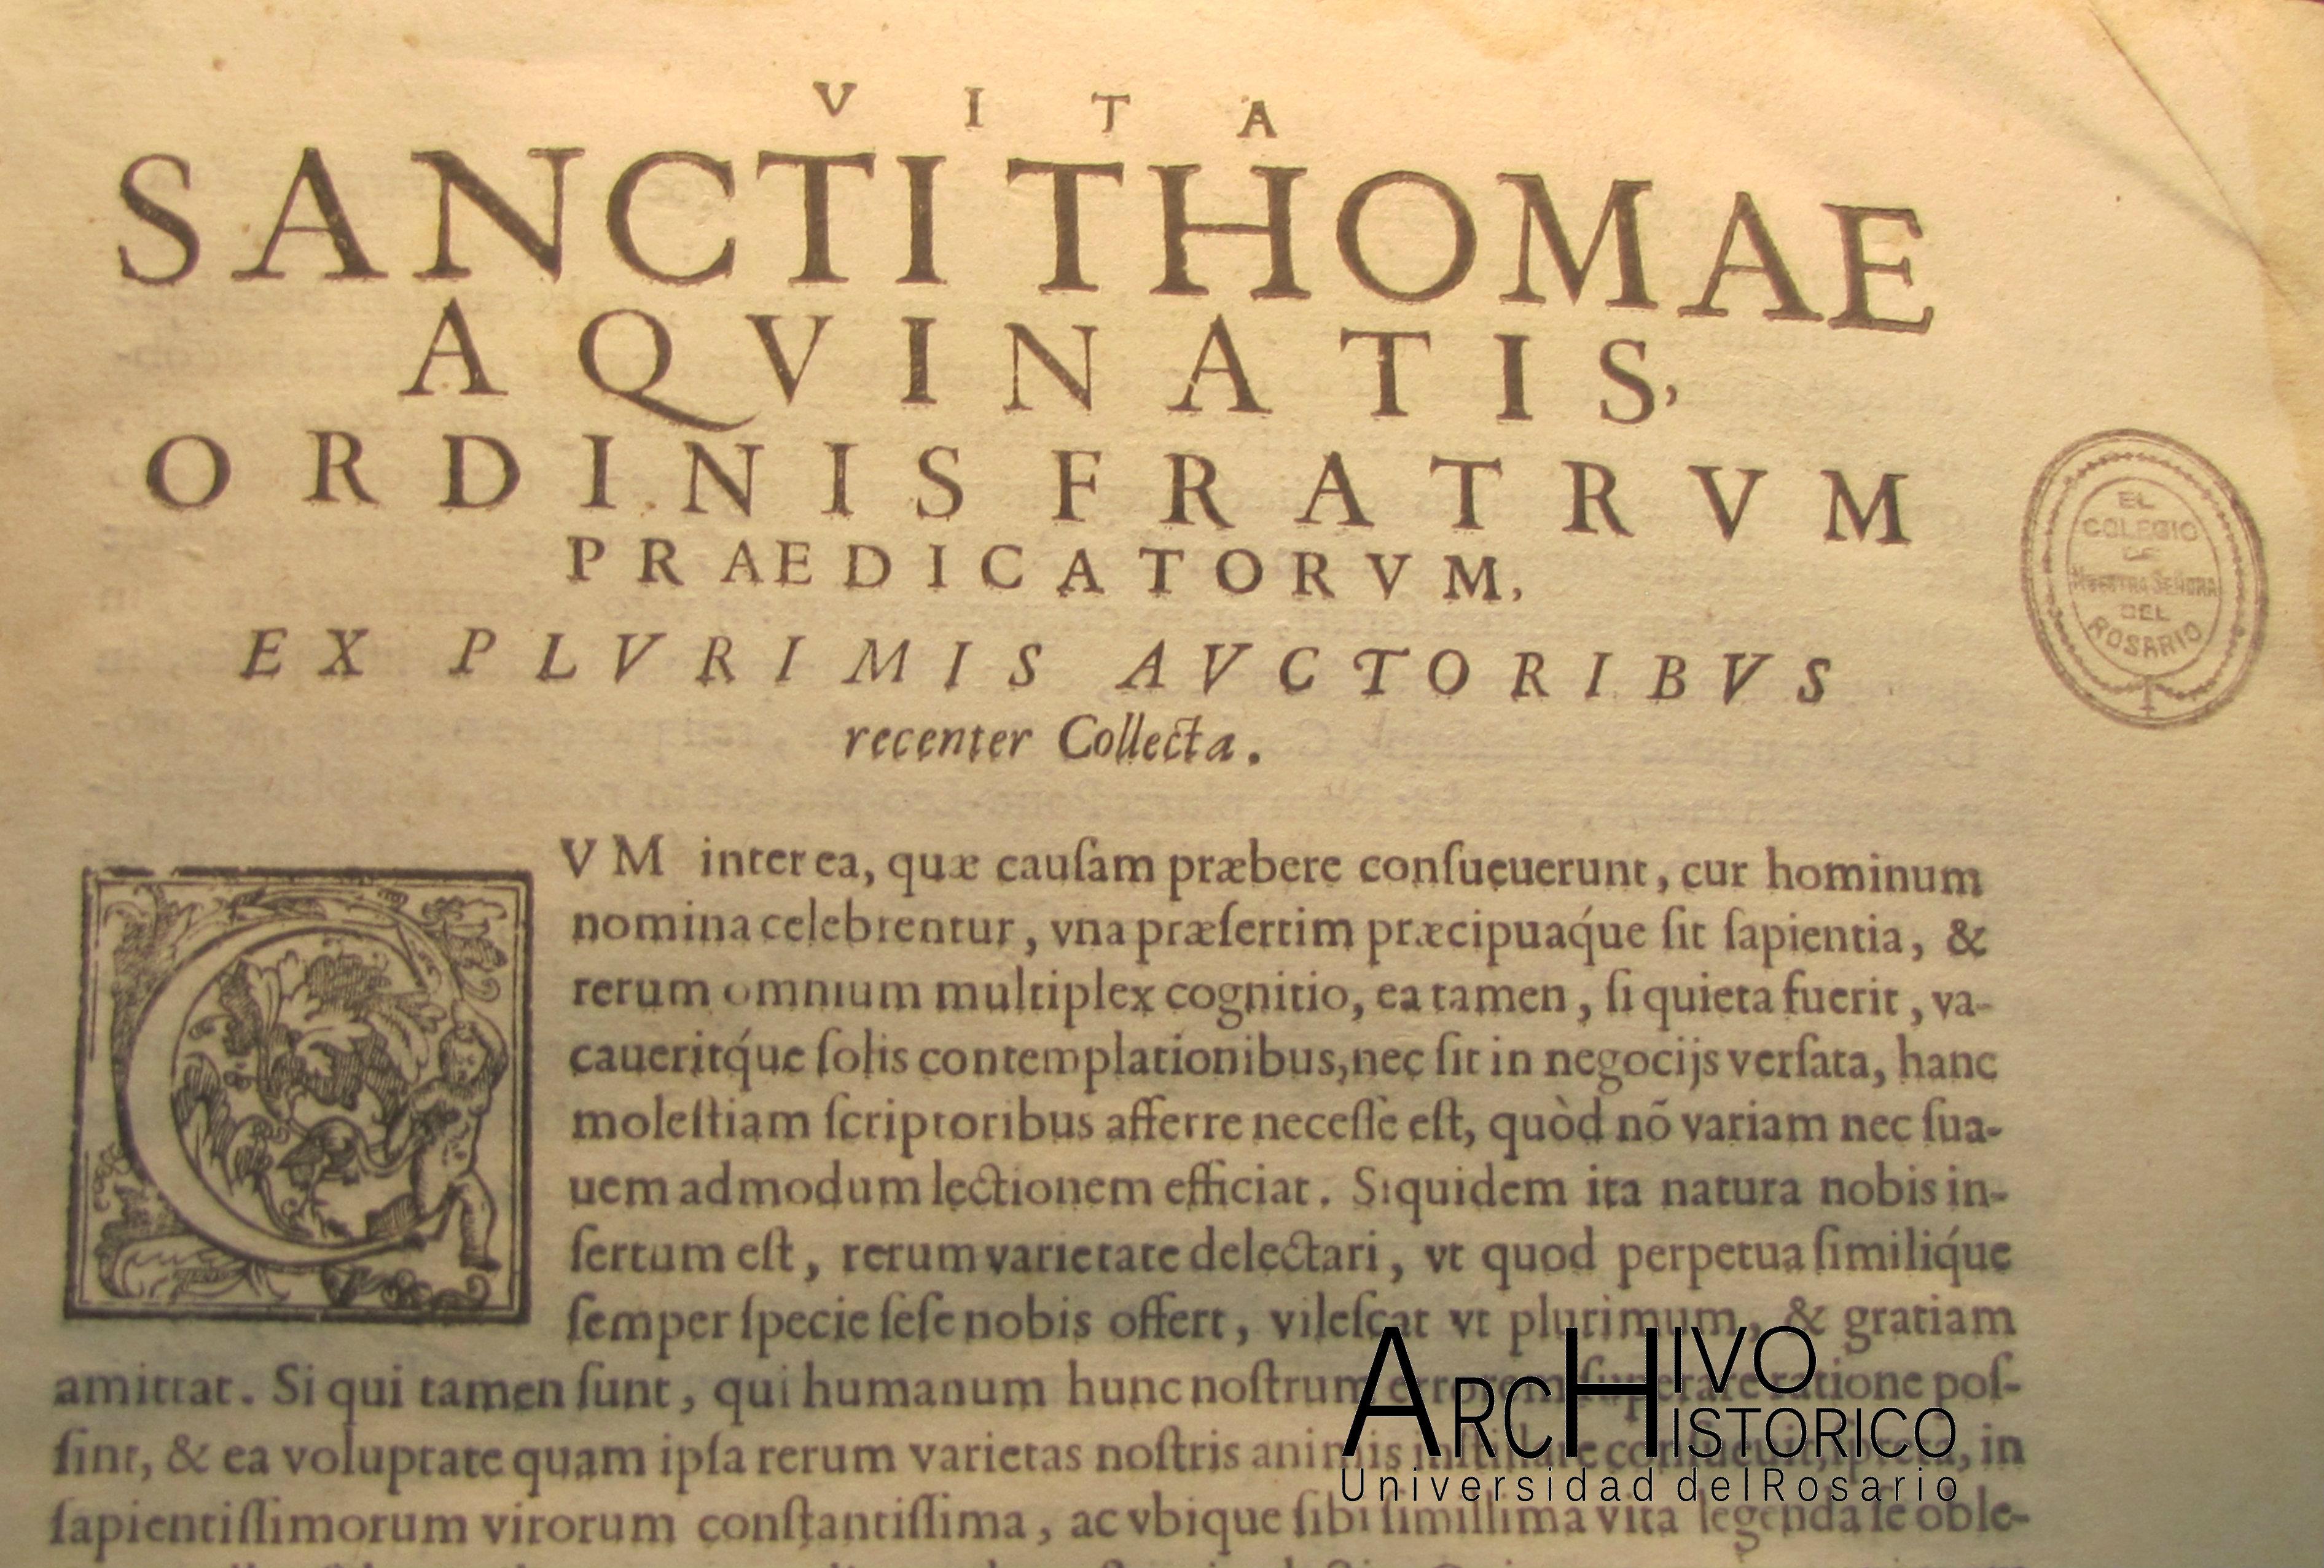 Detalle al Capitulo de Santo Tomás, del libro de Domenico Niccolini da Sabio. 1593 a 1596. Comentando a Santo Tomás de Aquino.